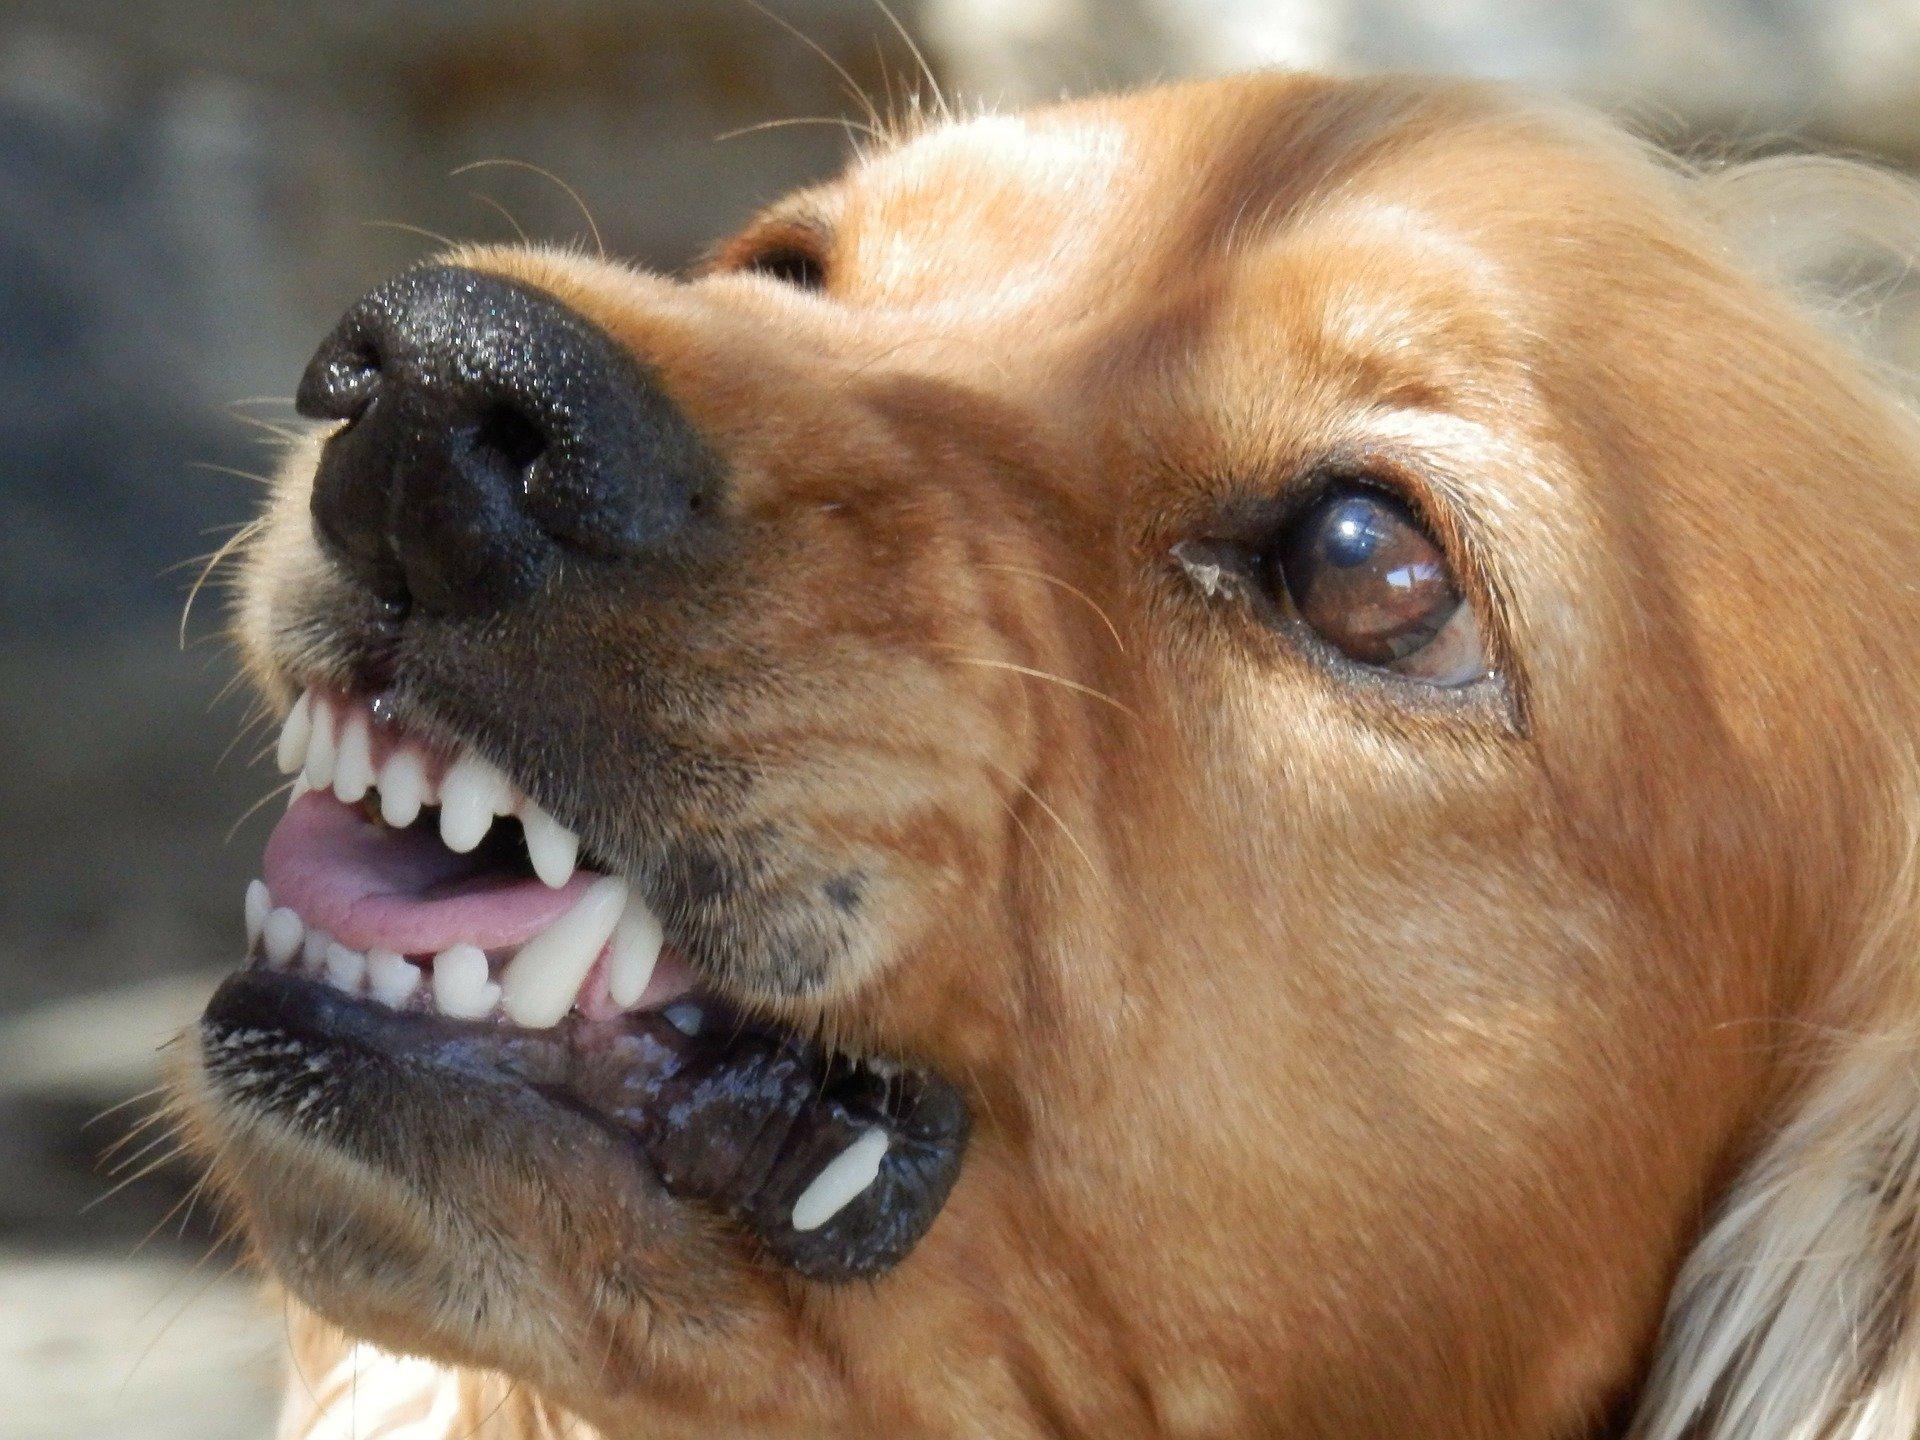 Одним из признаков заболевания животного бешенством является его необычное, неадекватное поведение